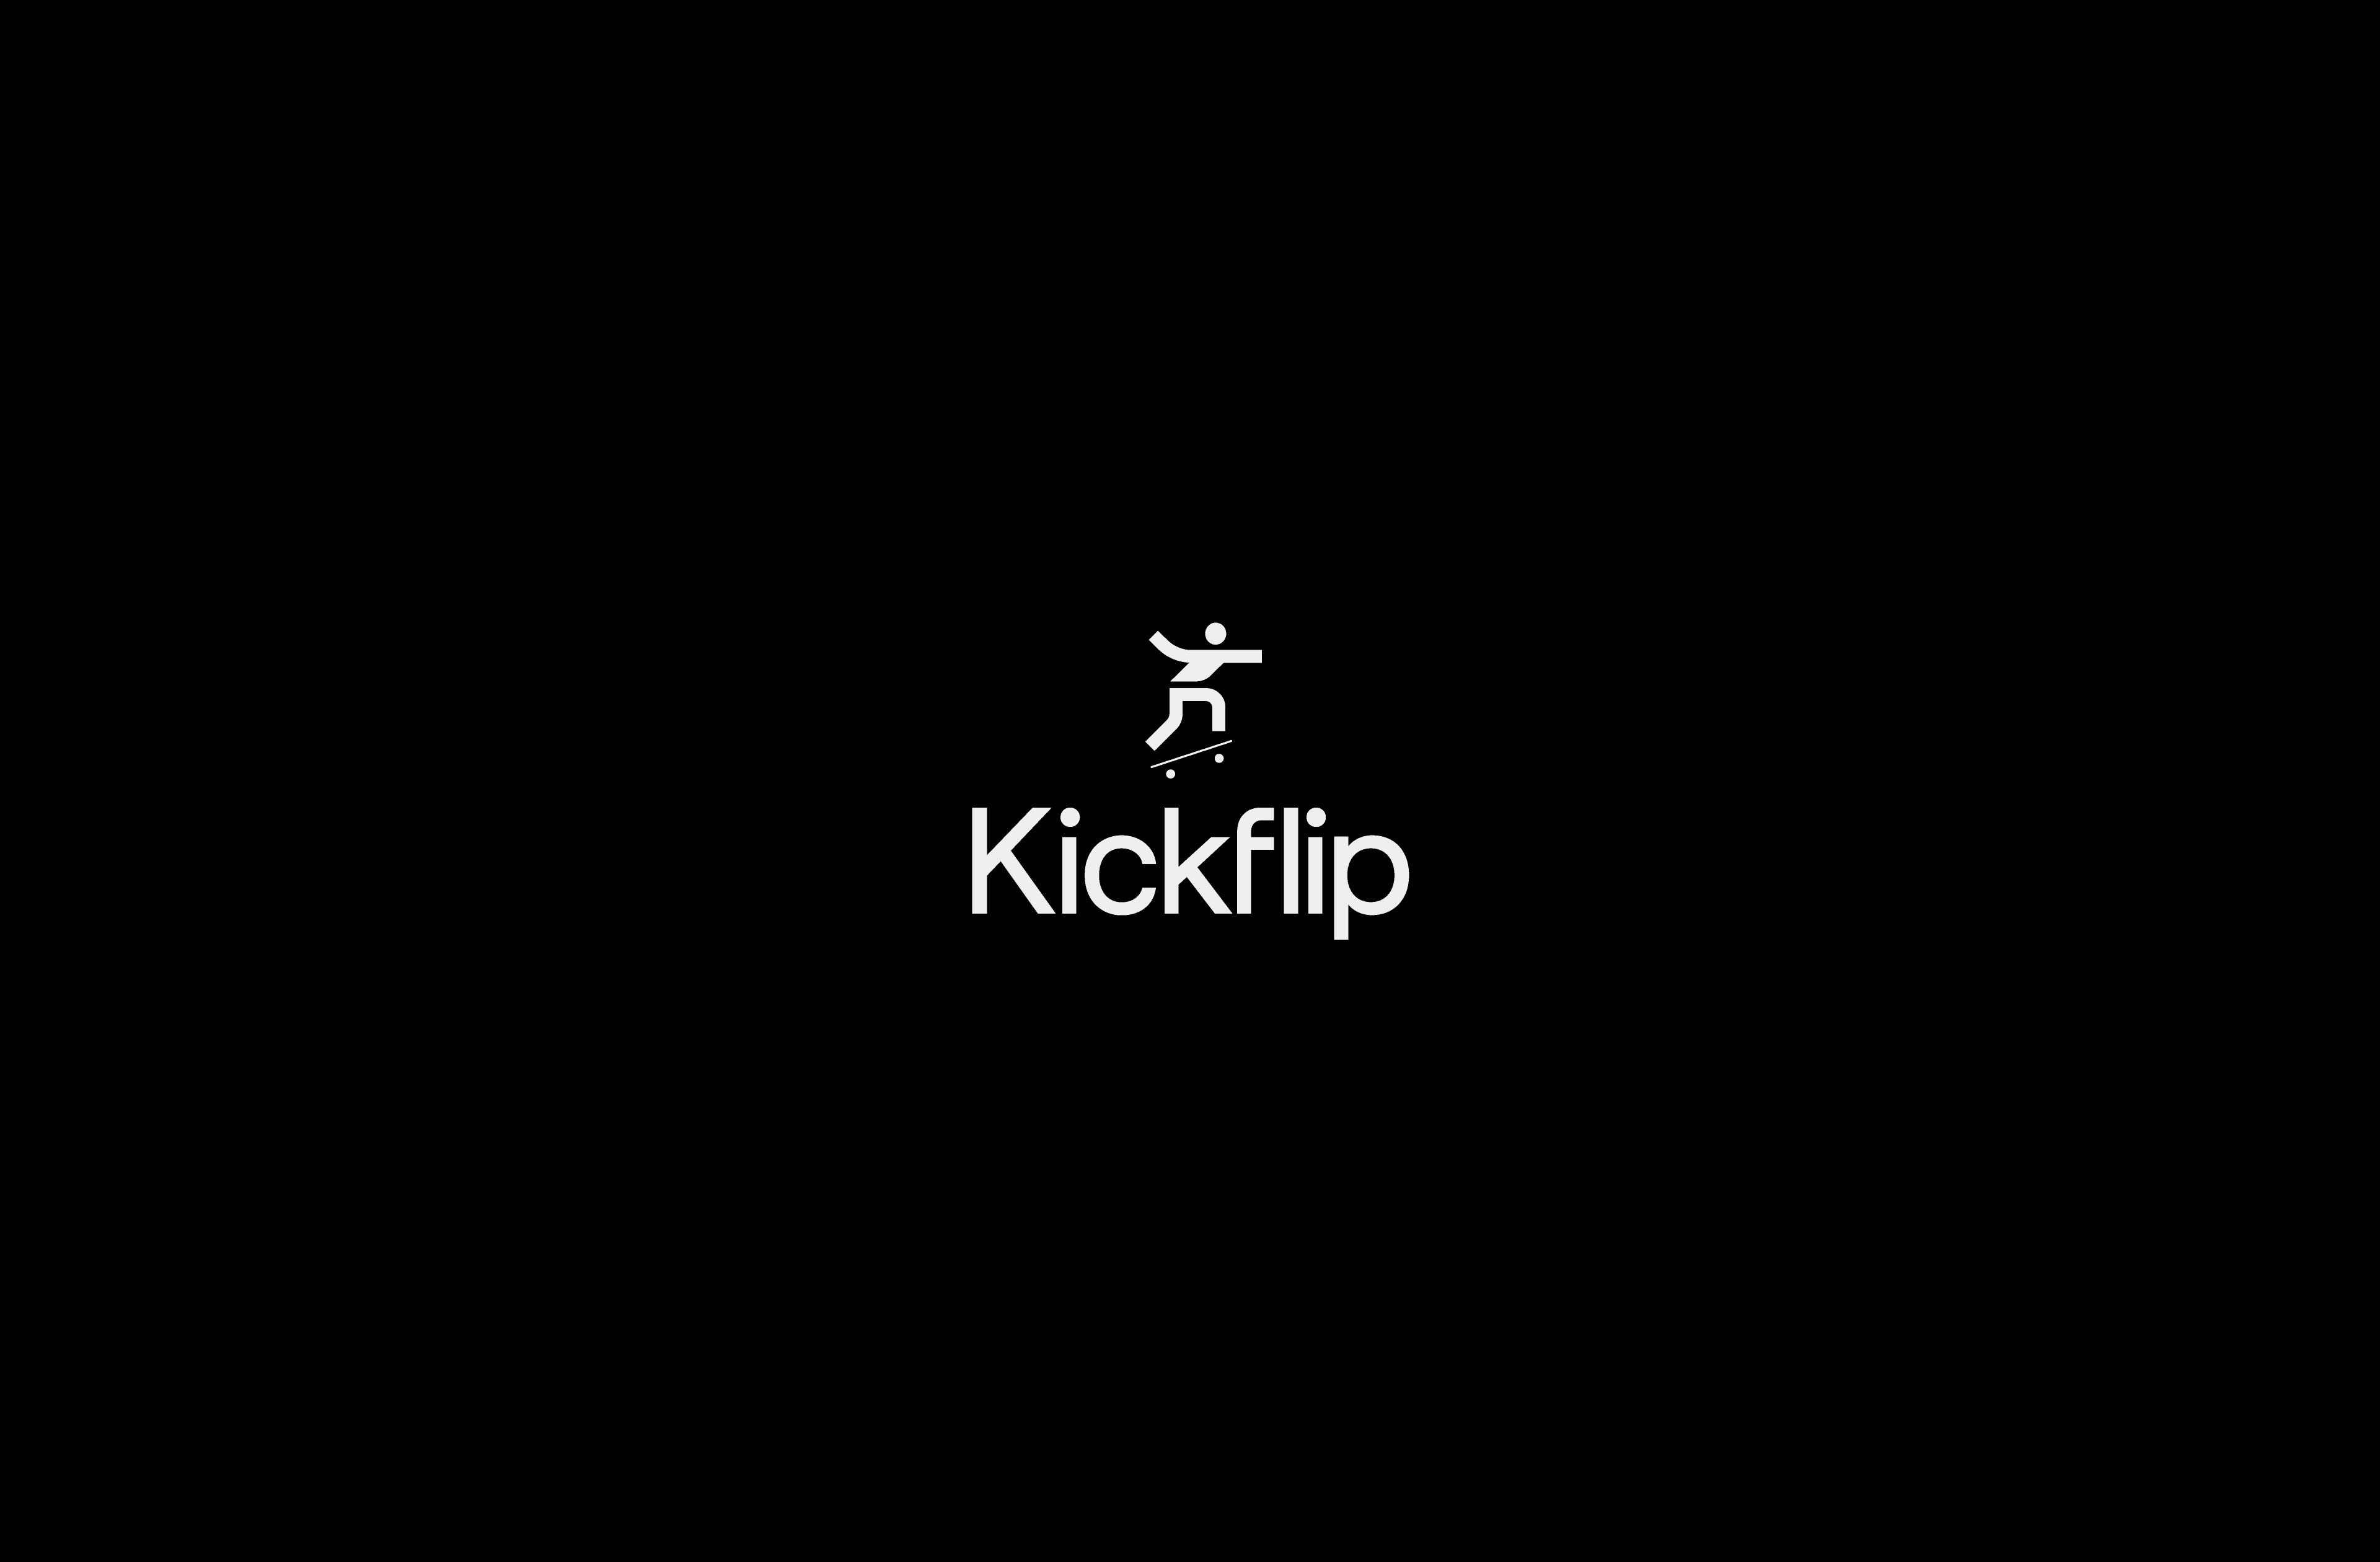 KF-logo-2x